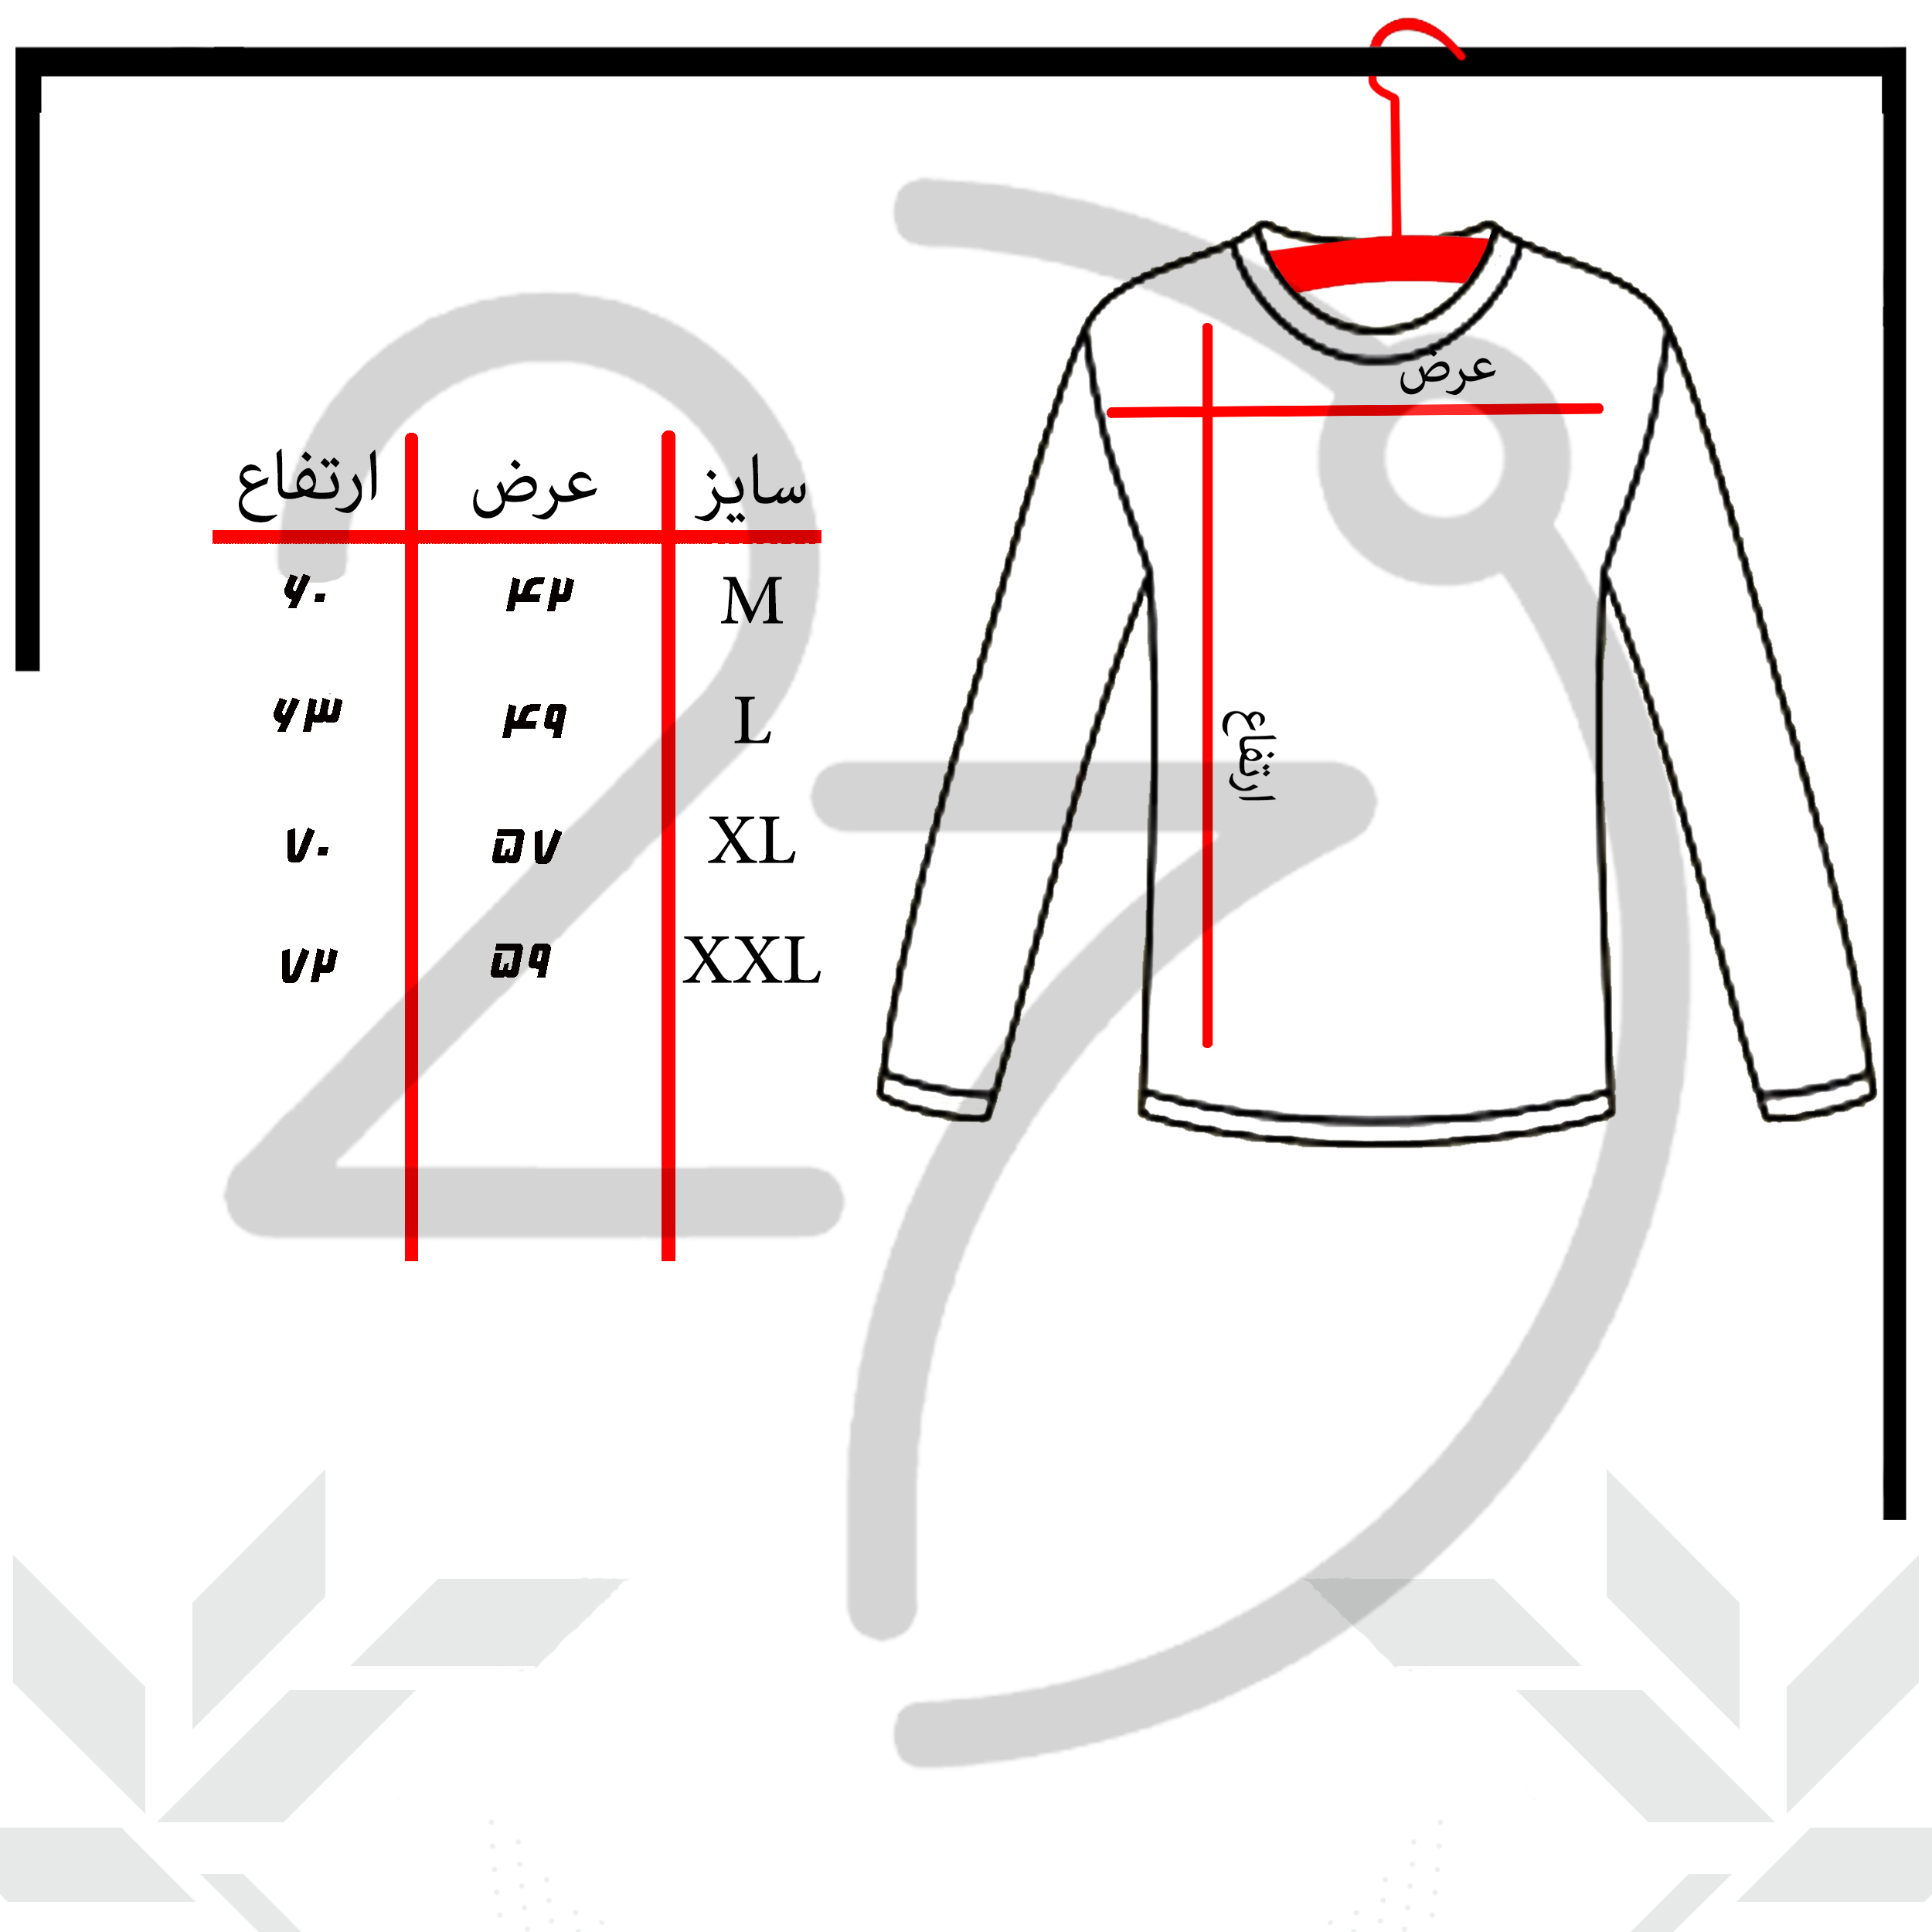 تی شرت آستین بلند زنانه 27 مدل دختر بهار کد B108